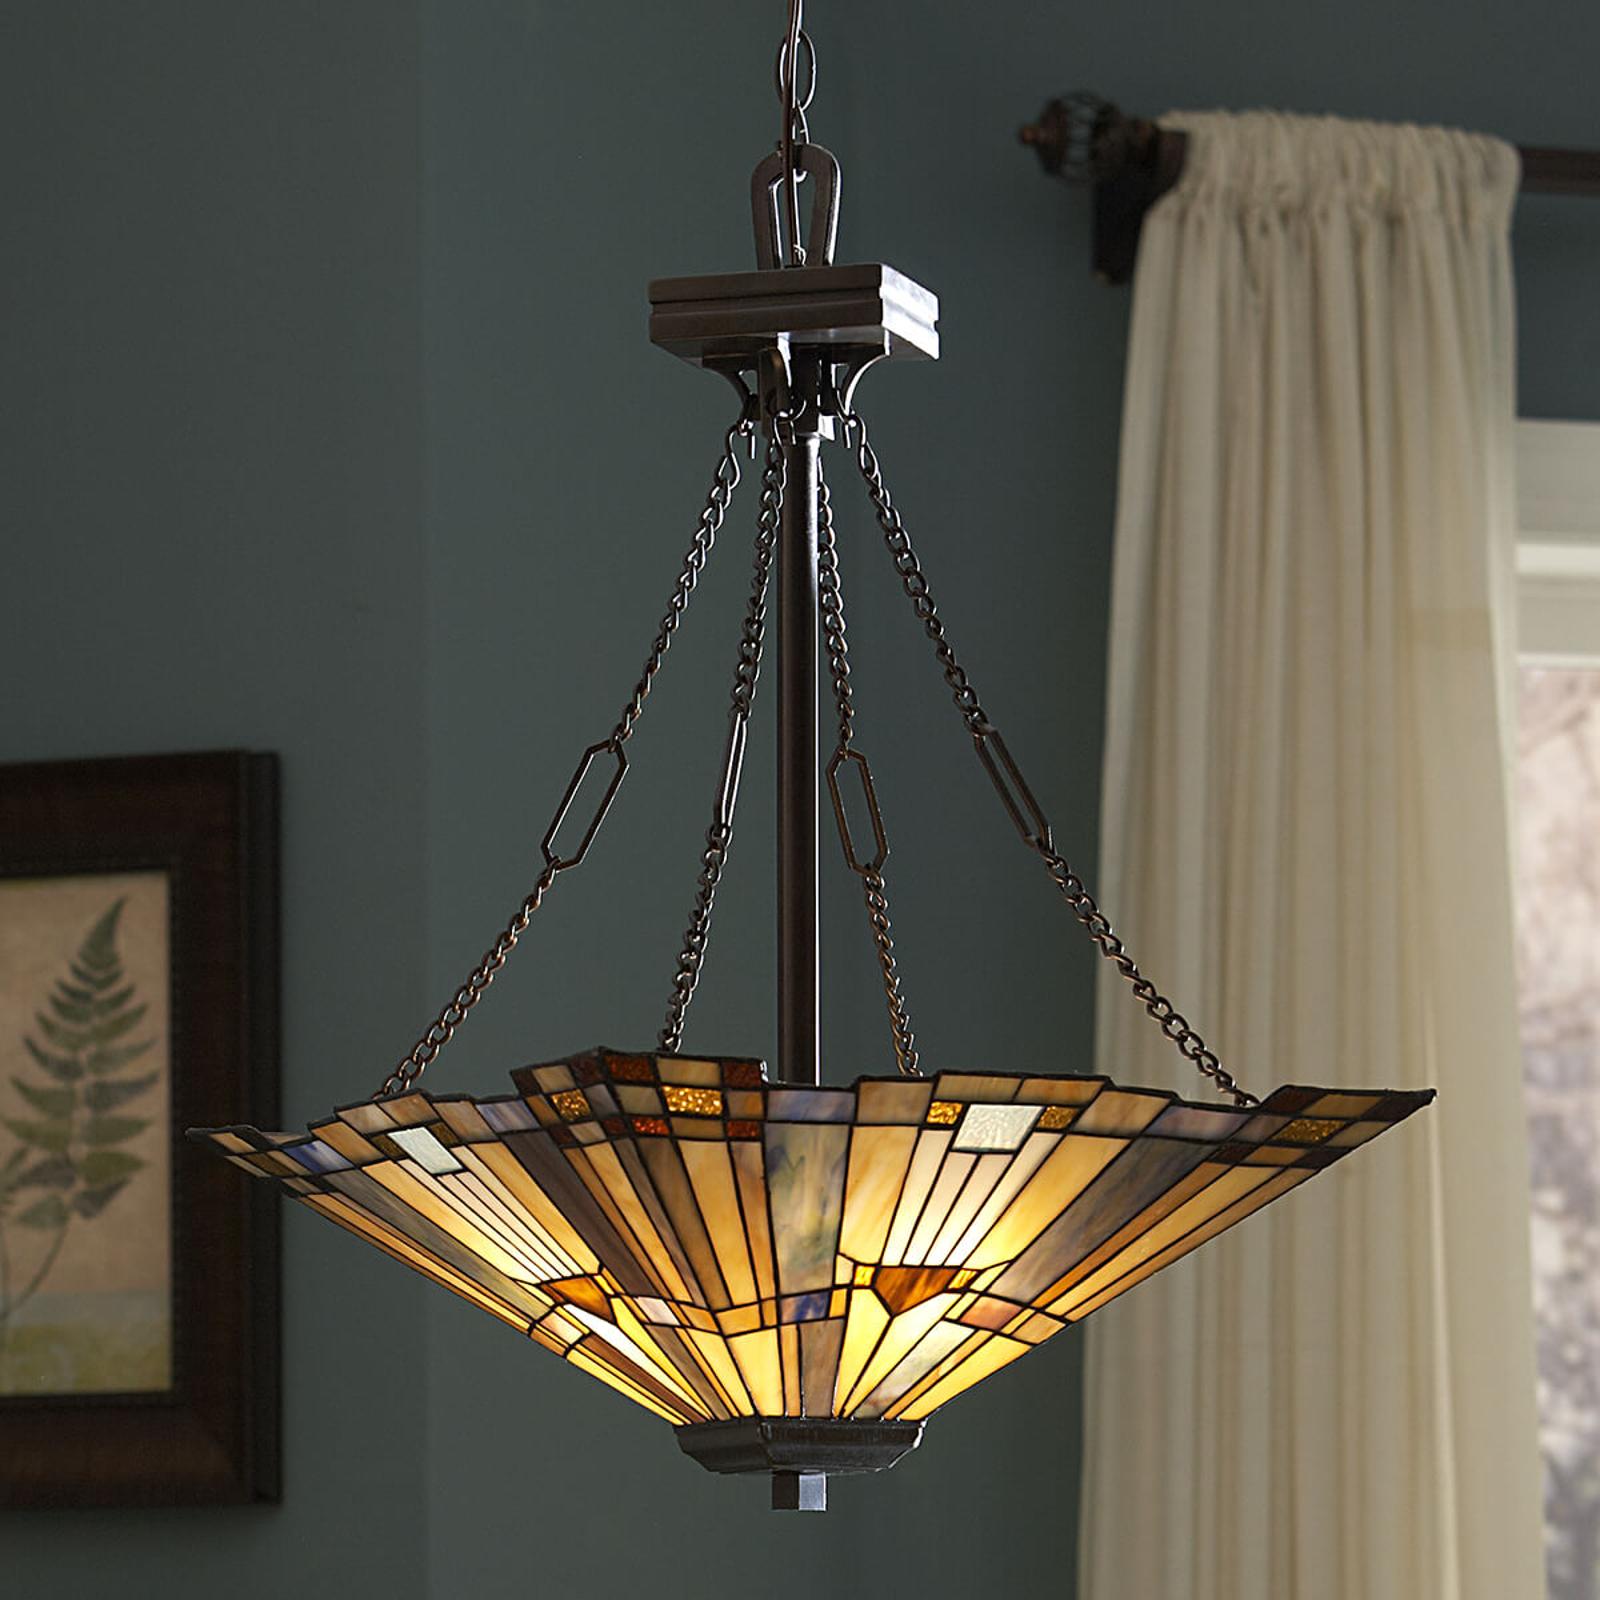 Uroczo zaprojektowana lampa wisząca Inglenook